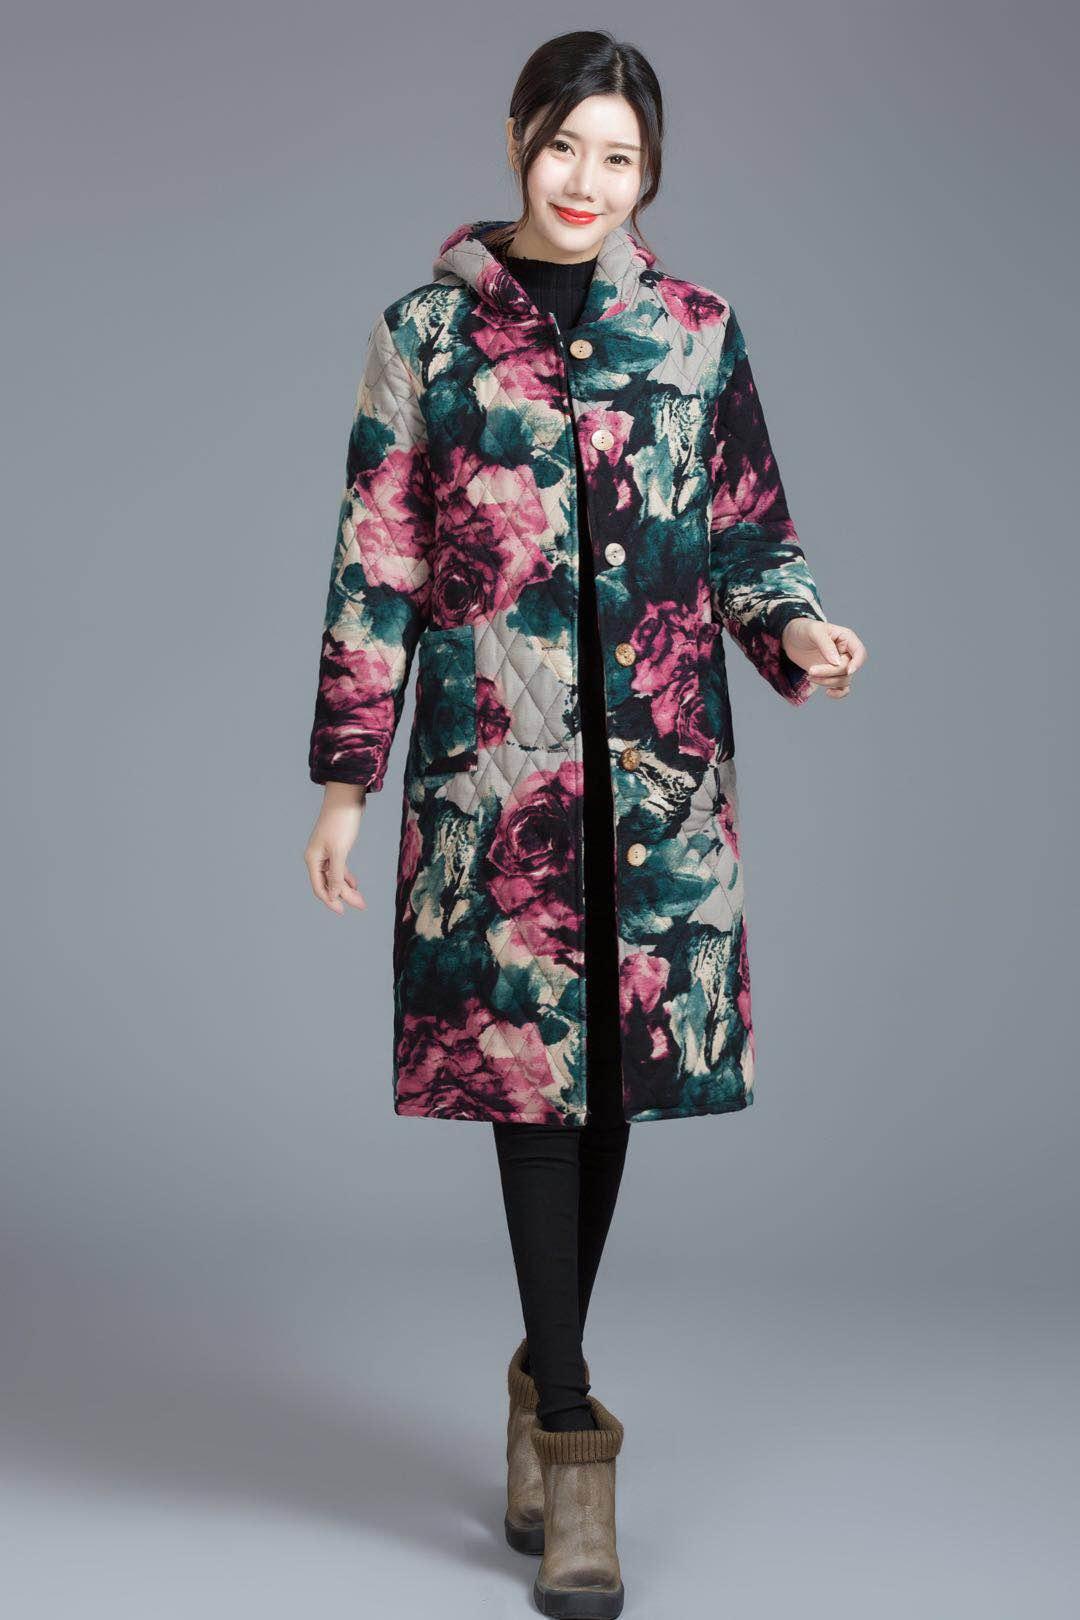 冬季新款民族风女士大码风衣加棉中长外套显瘦百搭碎花棉衣